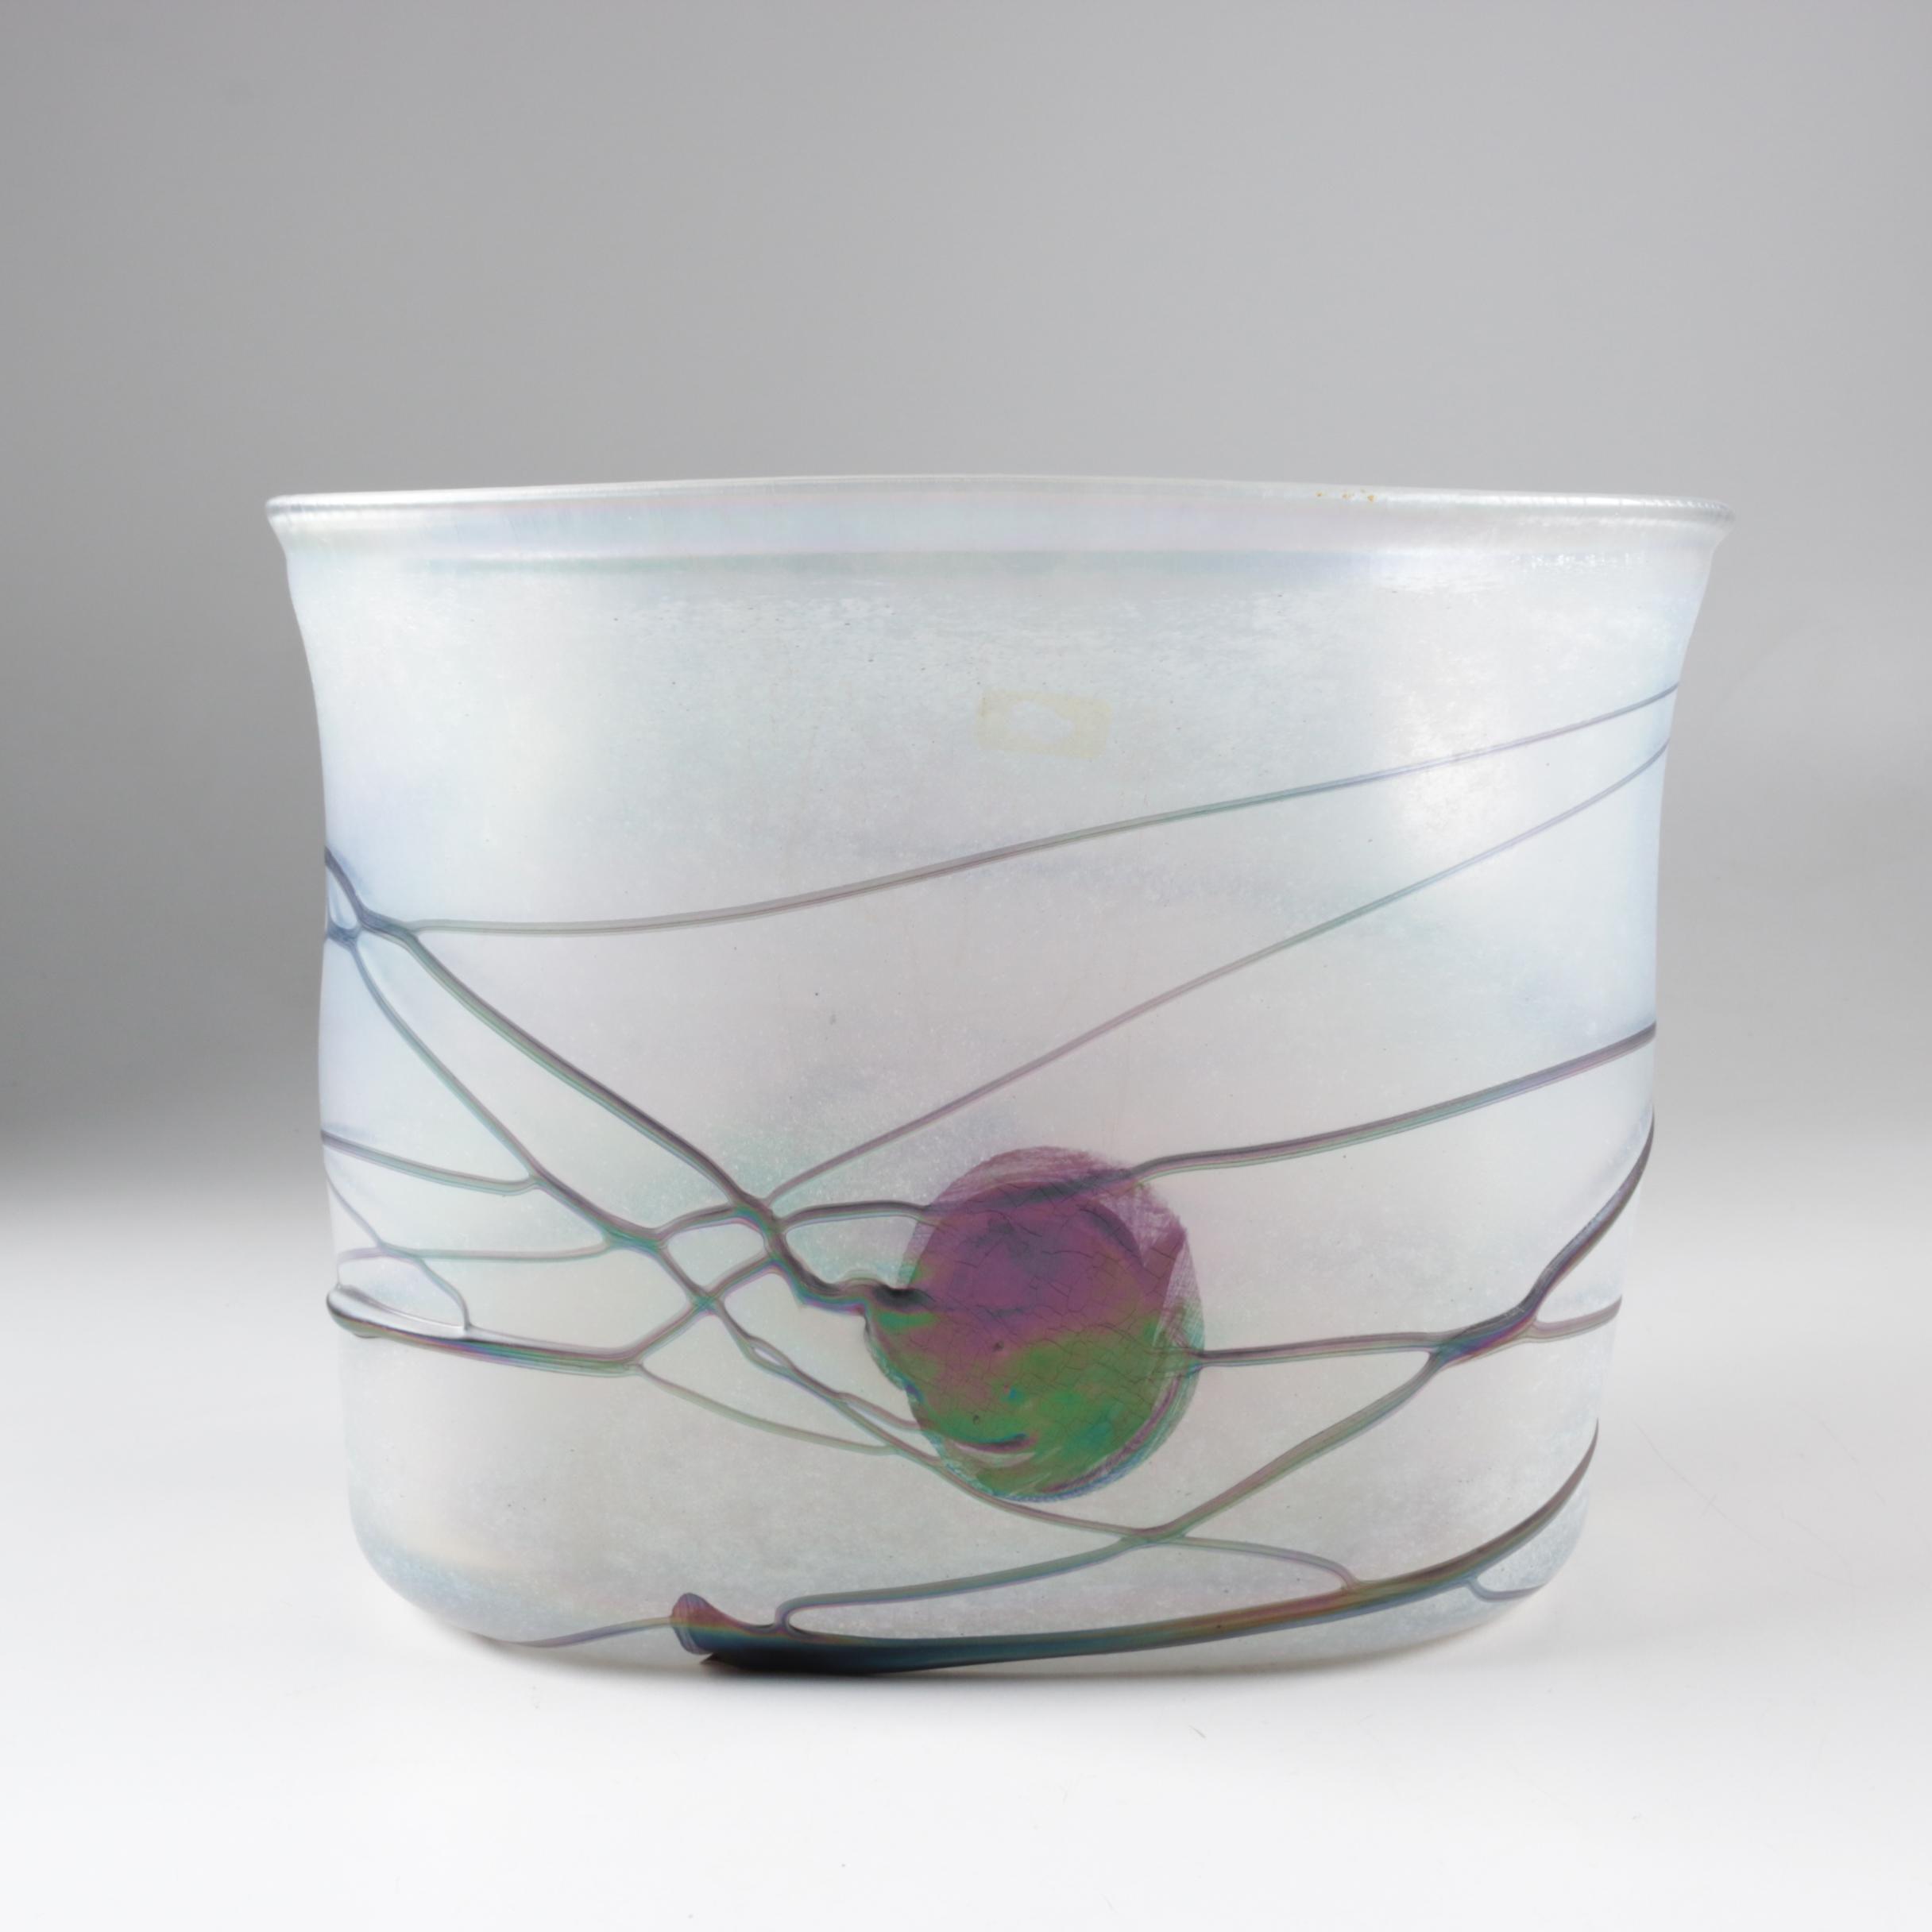 Vintage Bertil Vallien for Kosta Boda Art Glass Vase